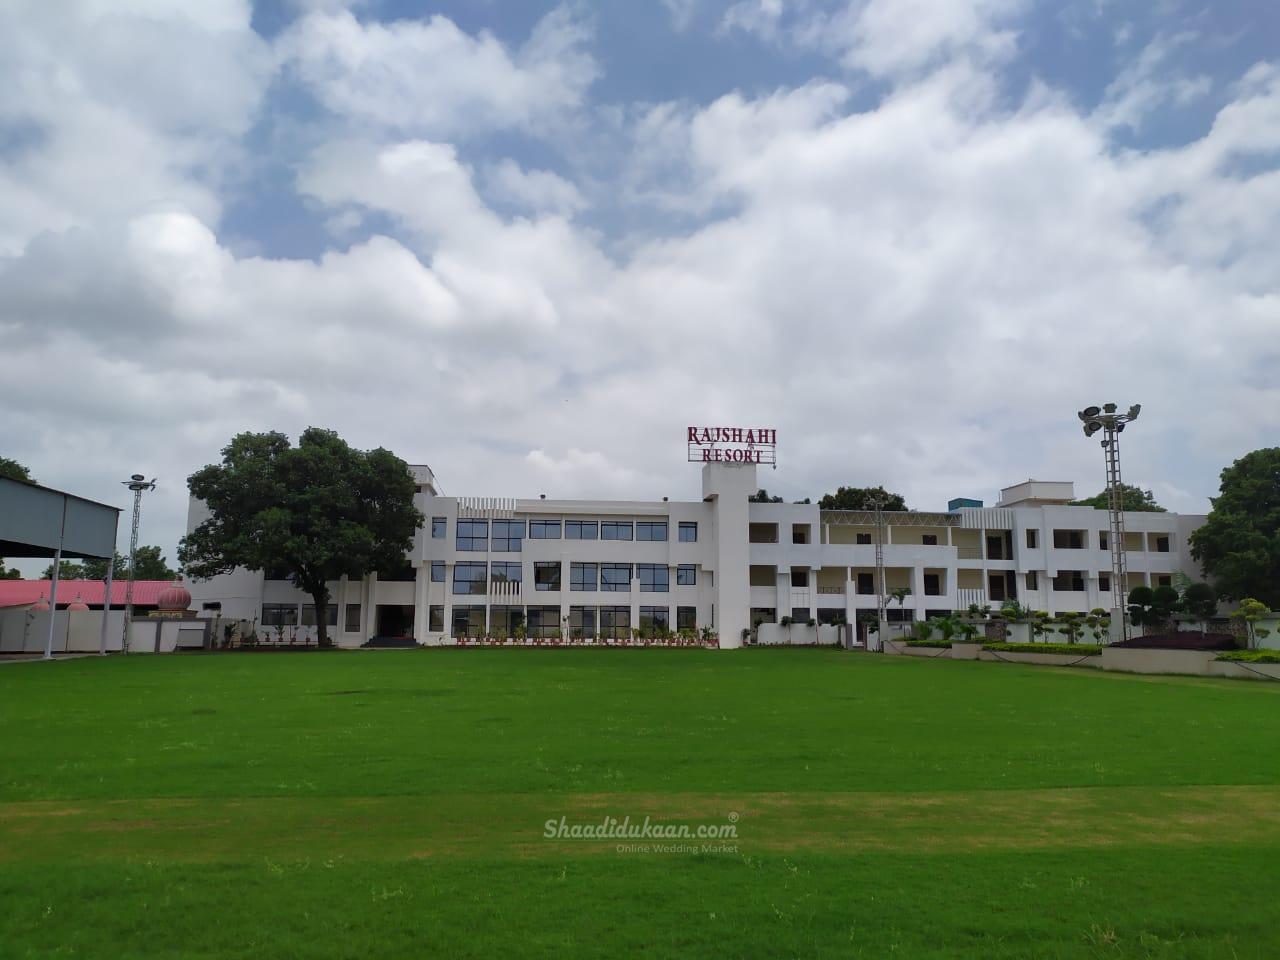 Rajshahi Resort